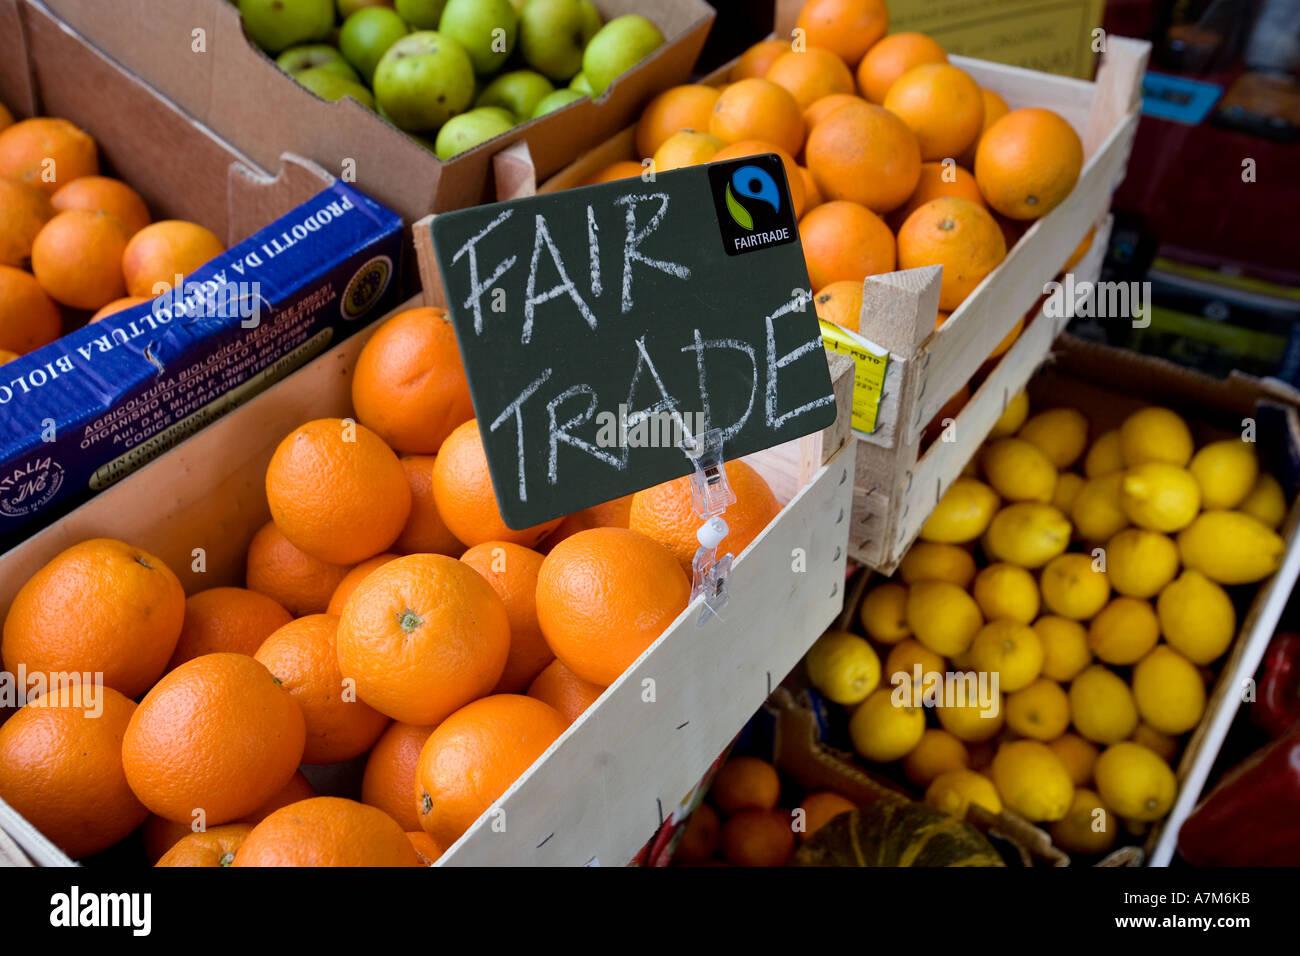 Il commercio equo e solidale la frutta in vendita al di fuori di un organico negozio in Oswestry, Shropshire, Regno Unito Immagini Stock